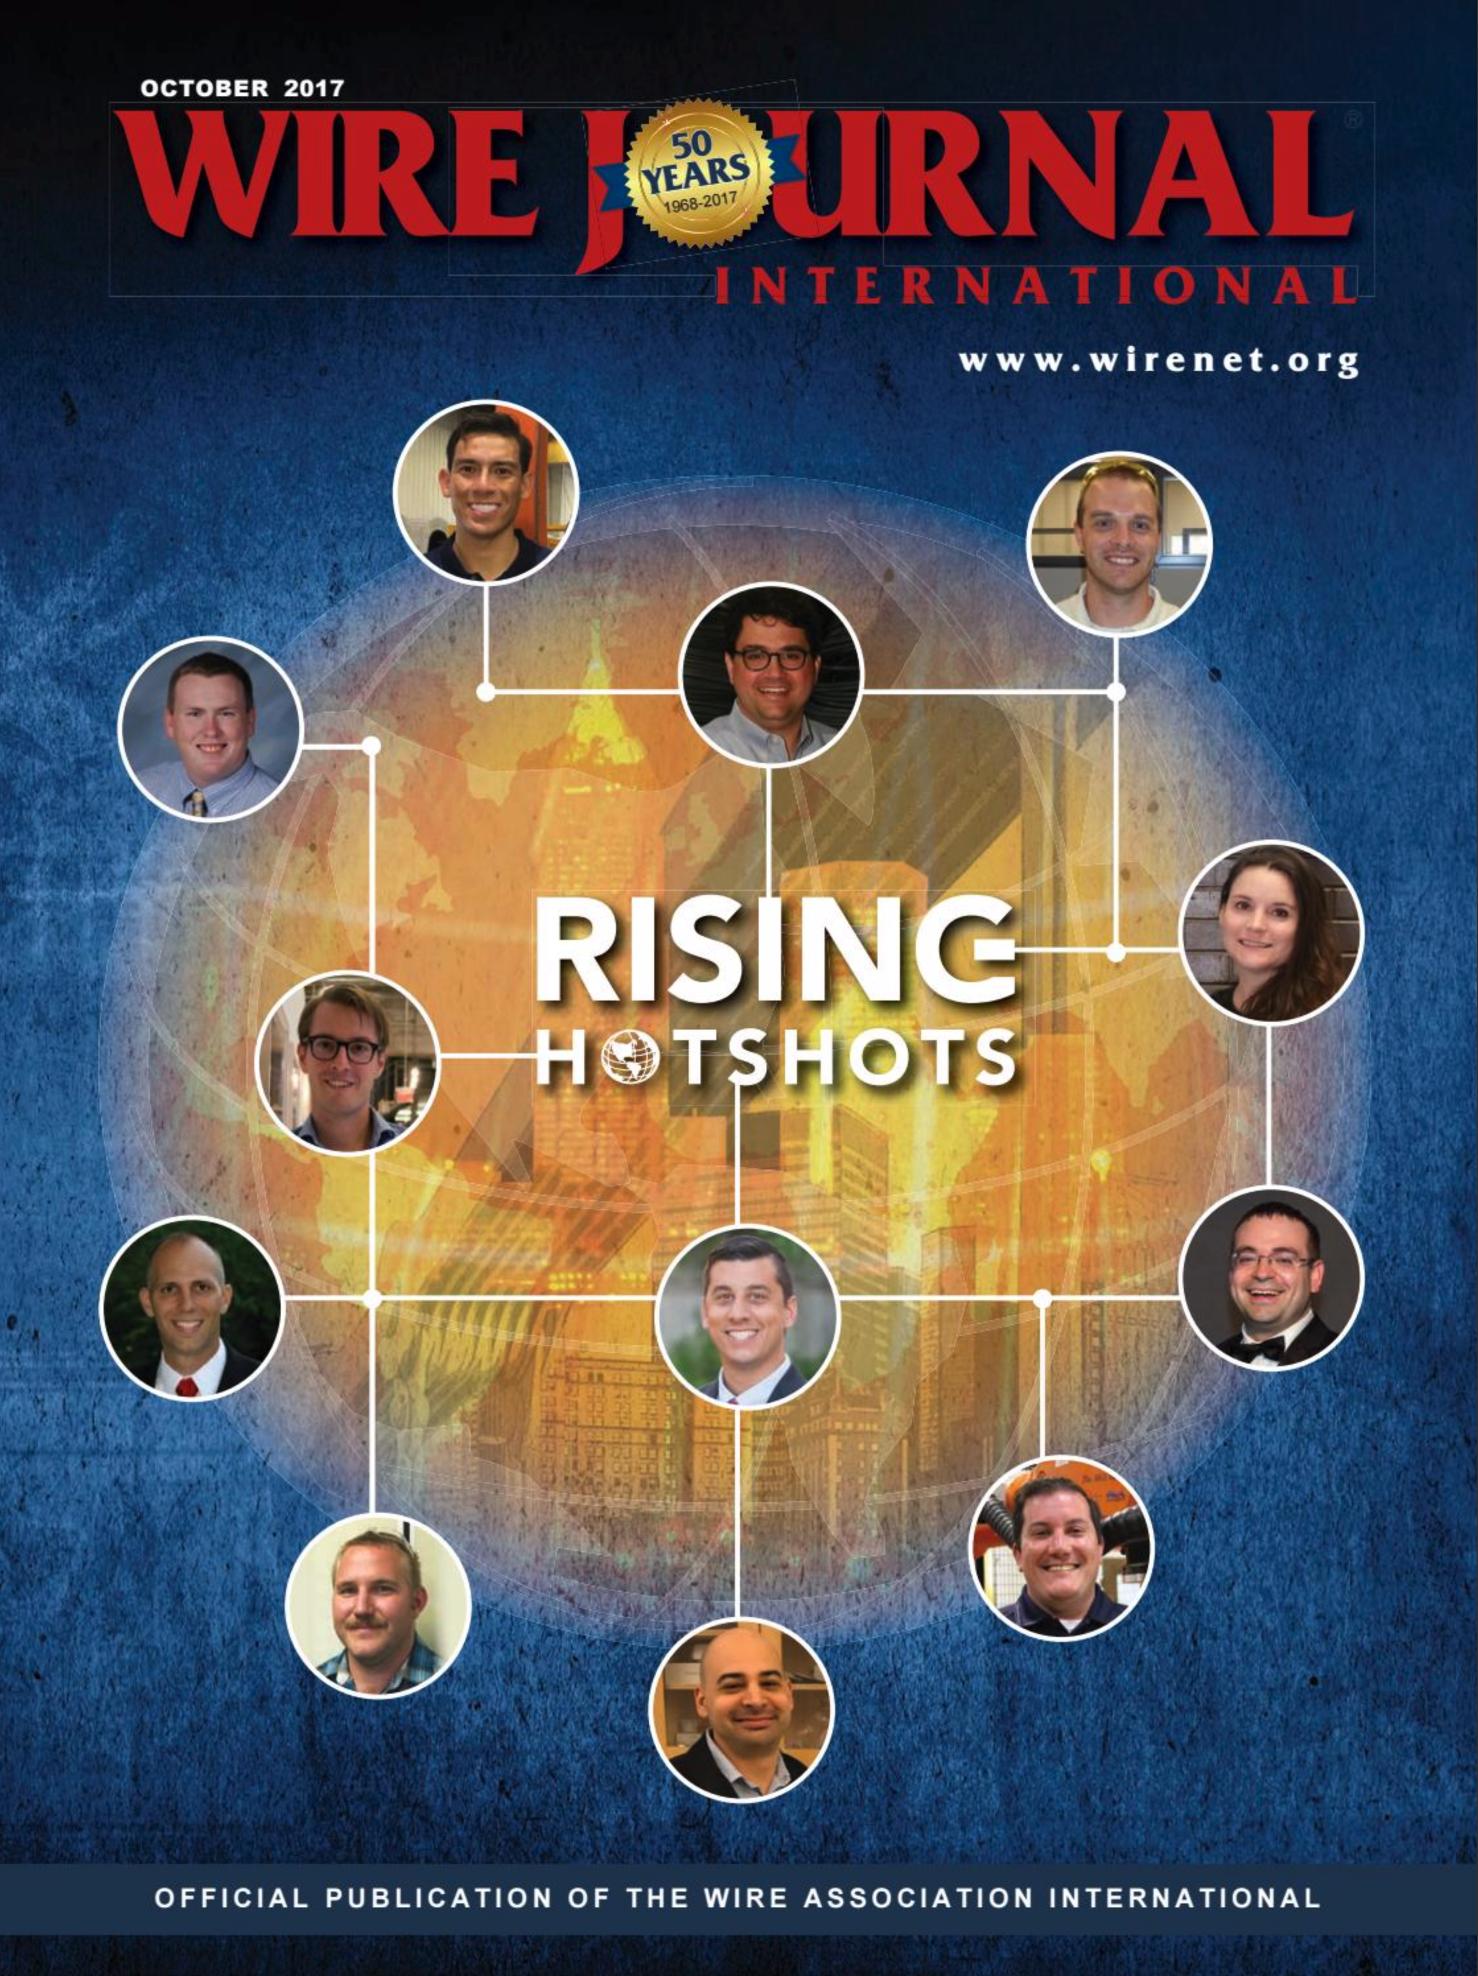 Willem Sundblad Rising Industry Hotshot Wire Journal International